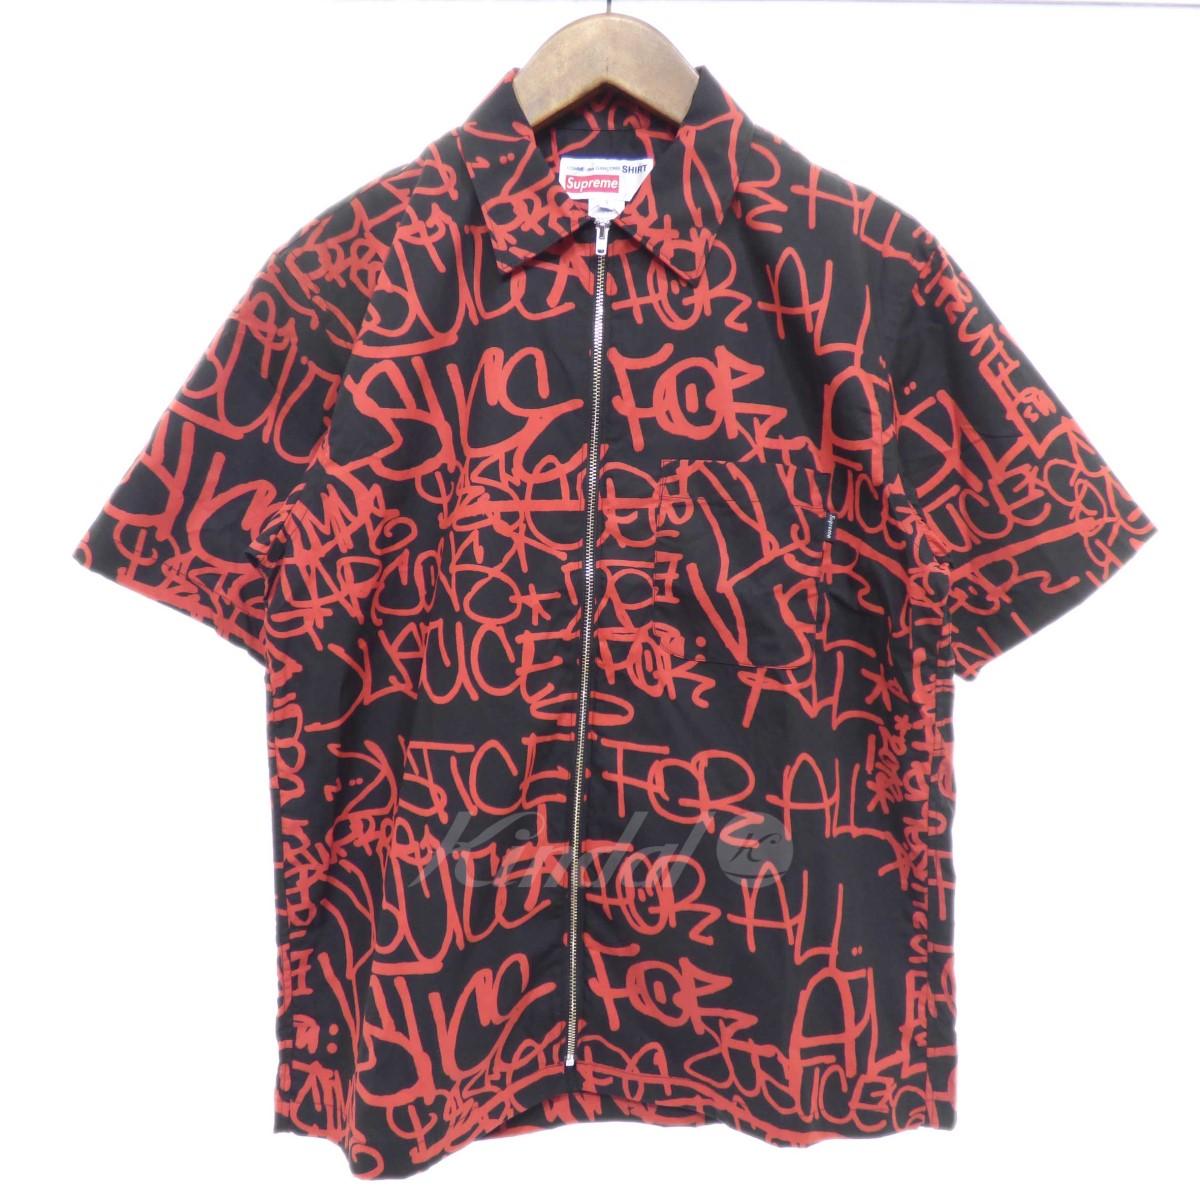 【中古】Supreme×COMME des GARCONS SHIRT 【2018A/W】Graphic S/S Shirt ブラック×レッド サイズ:S 【送料無料】 【041018】(シュプリーム×コムデギャルソンシャツ)